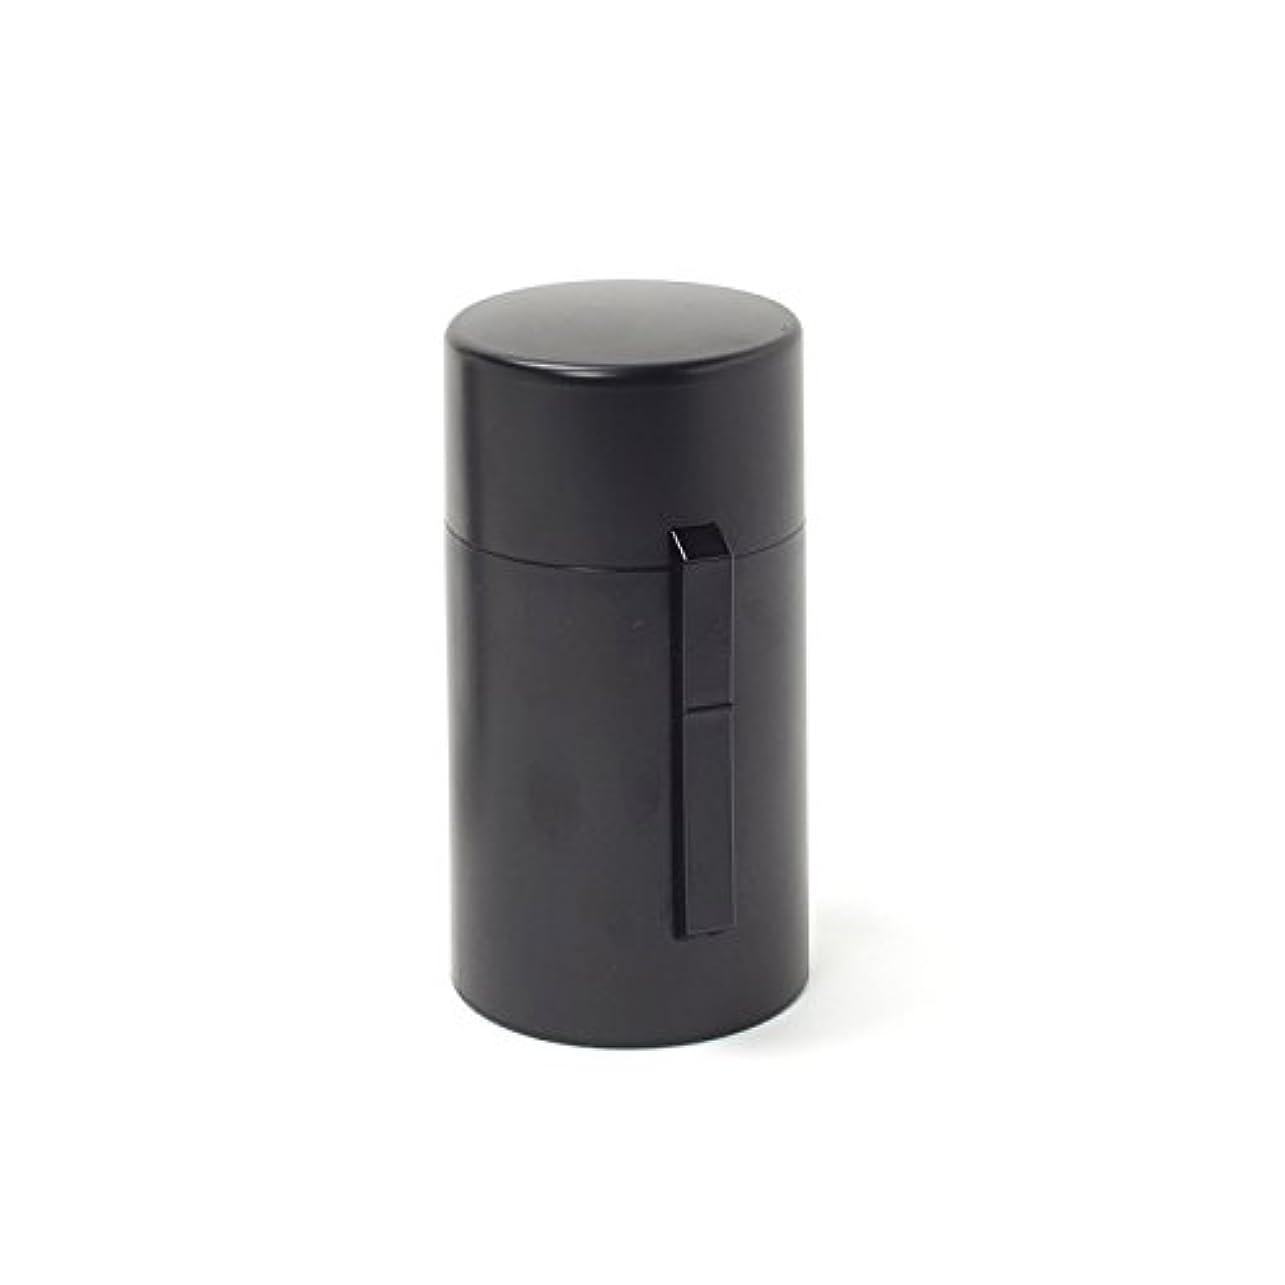 親指蒸タイプライター電池式香炉 ひとたき香炉 こづつ 黒